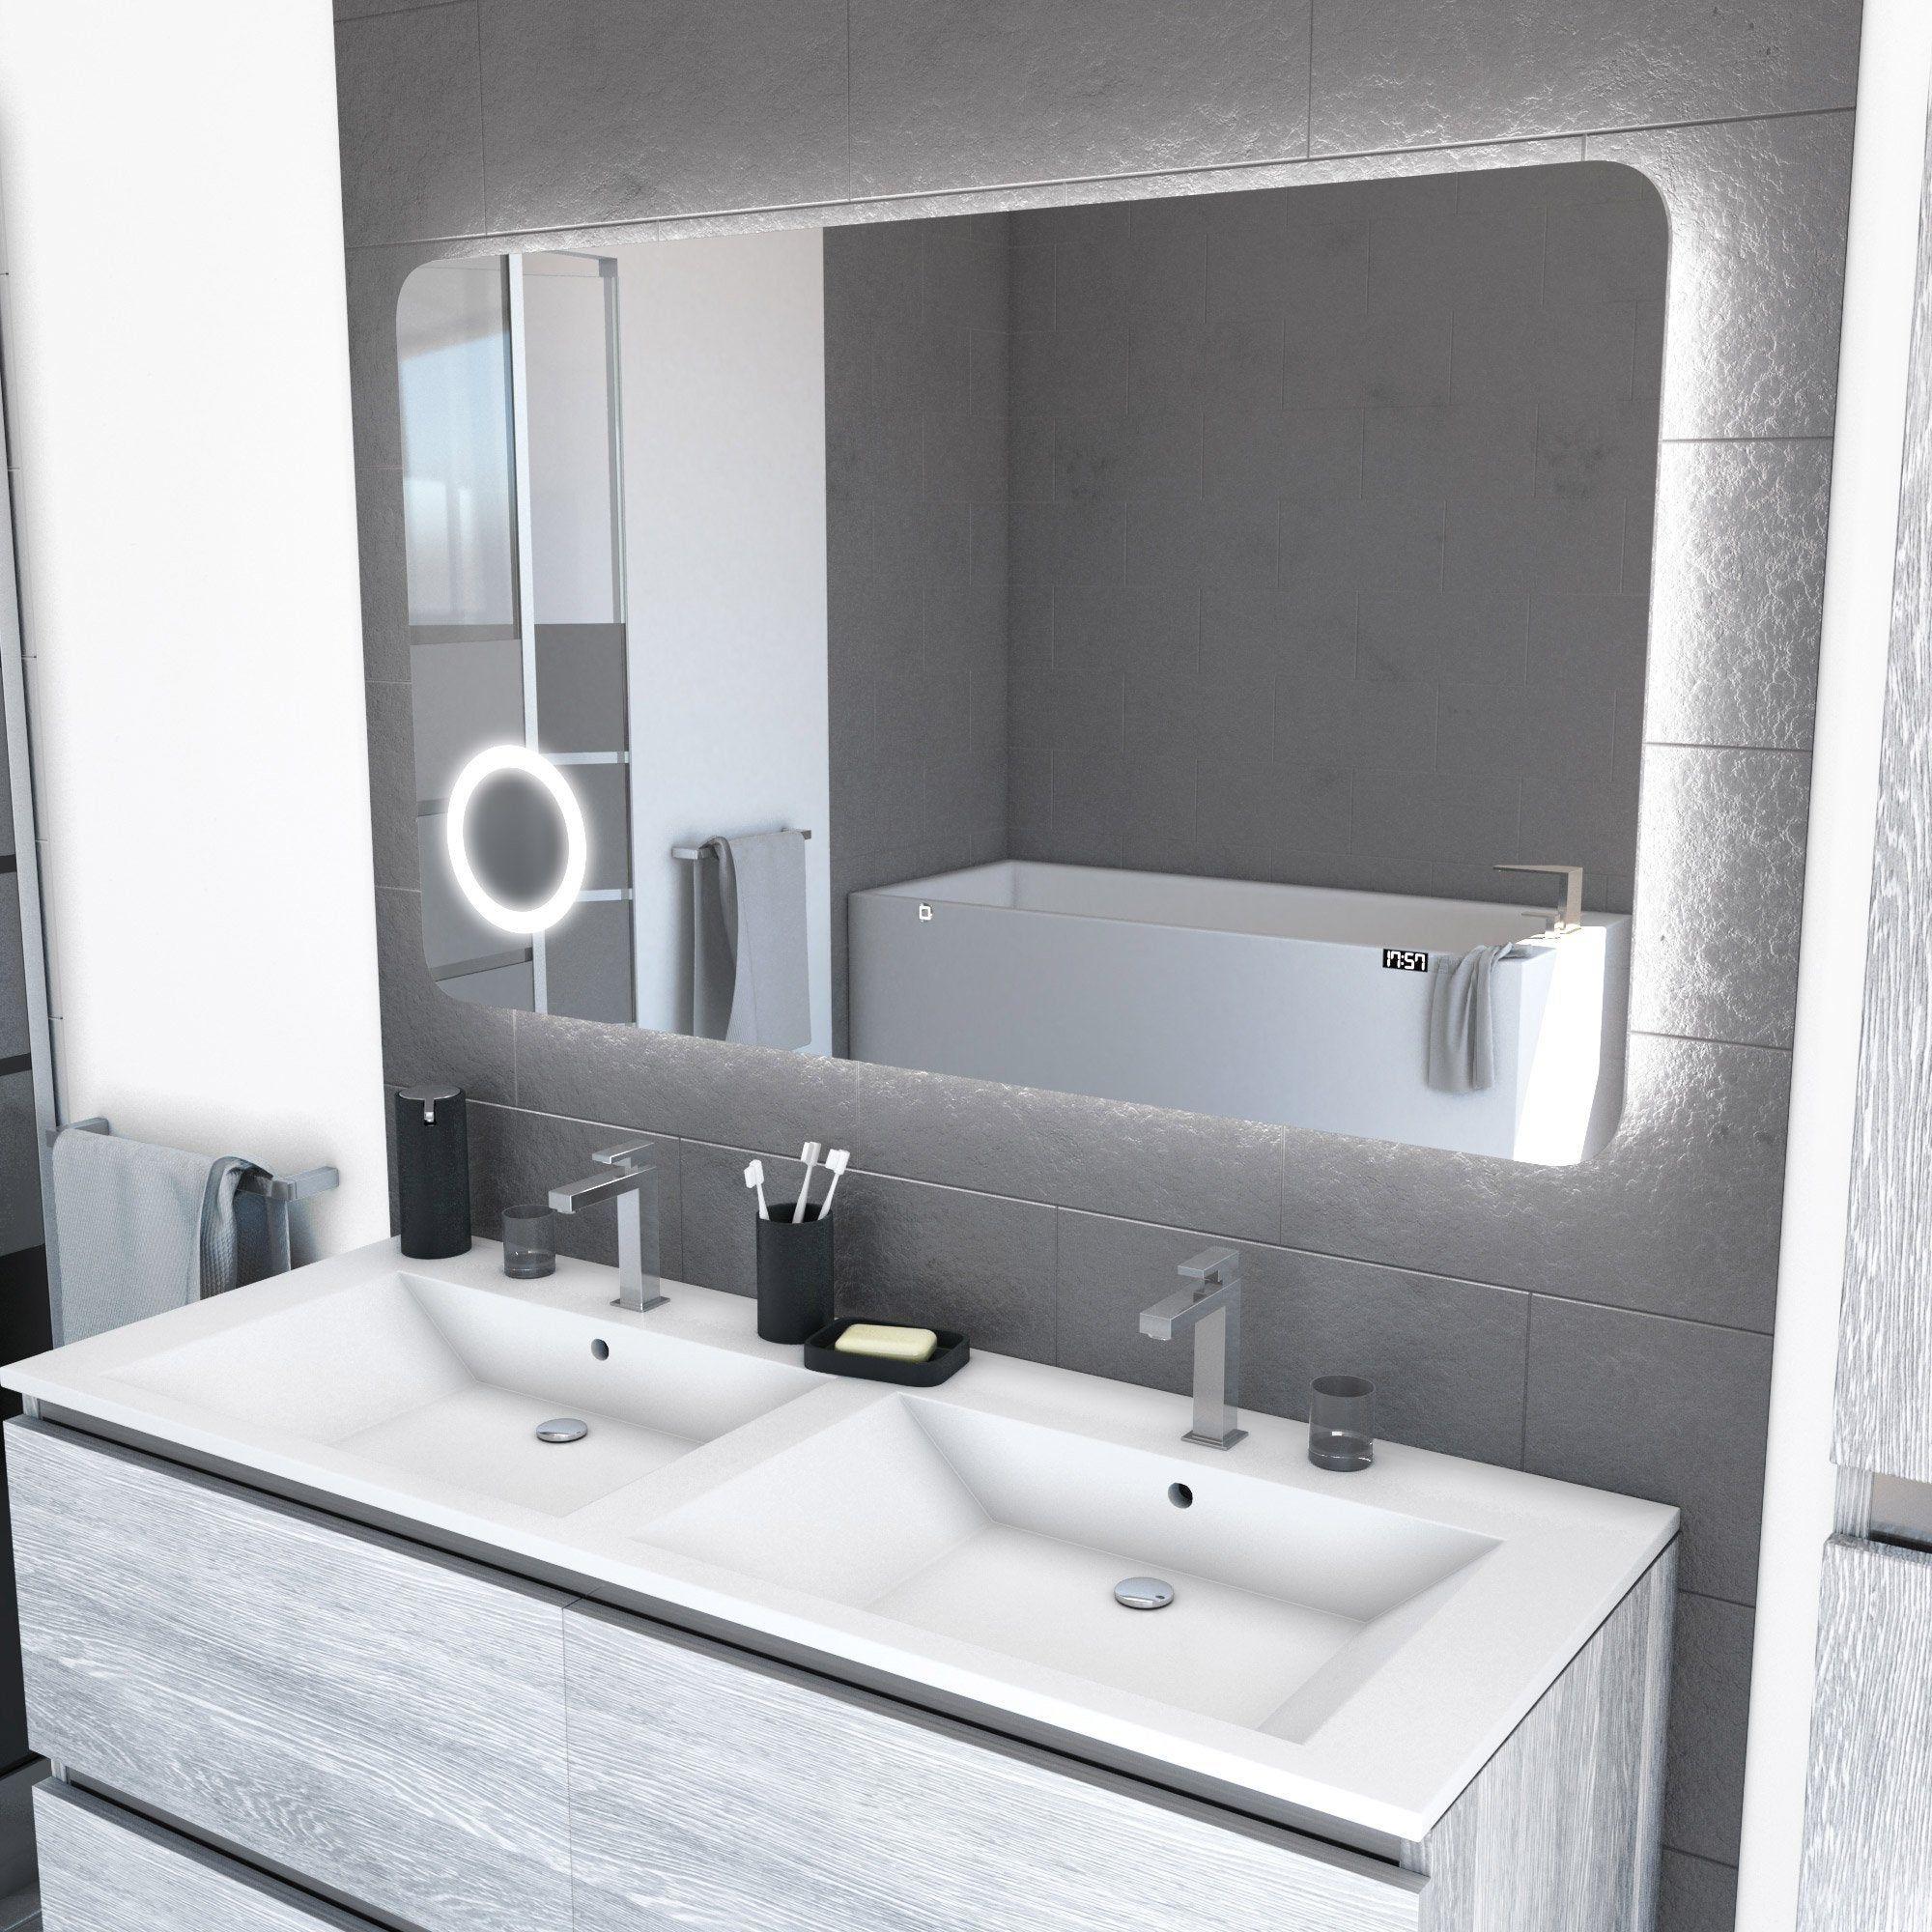 Miroir Salle De Bain 120 Cm miroir avec éclairage intégré, l.120 x h.70 cm silver shadow